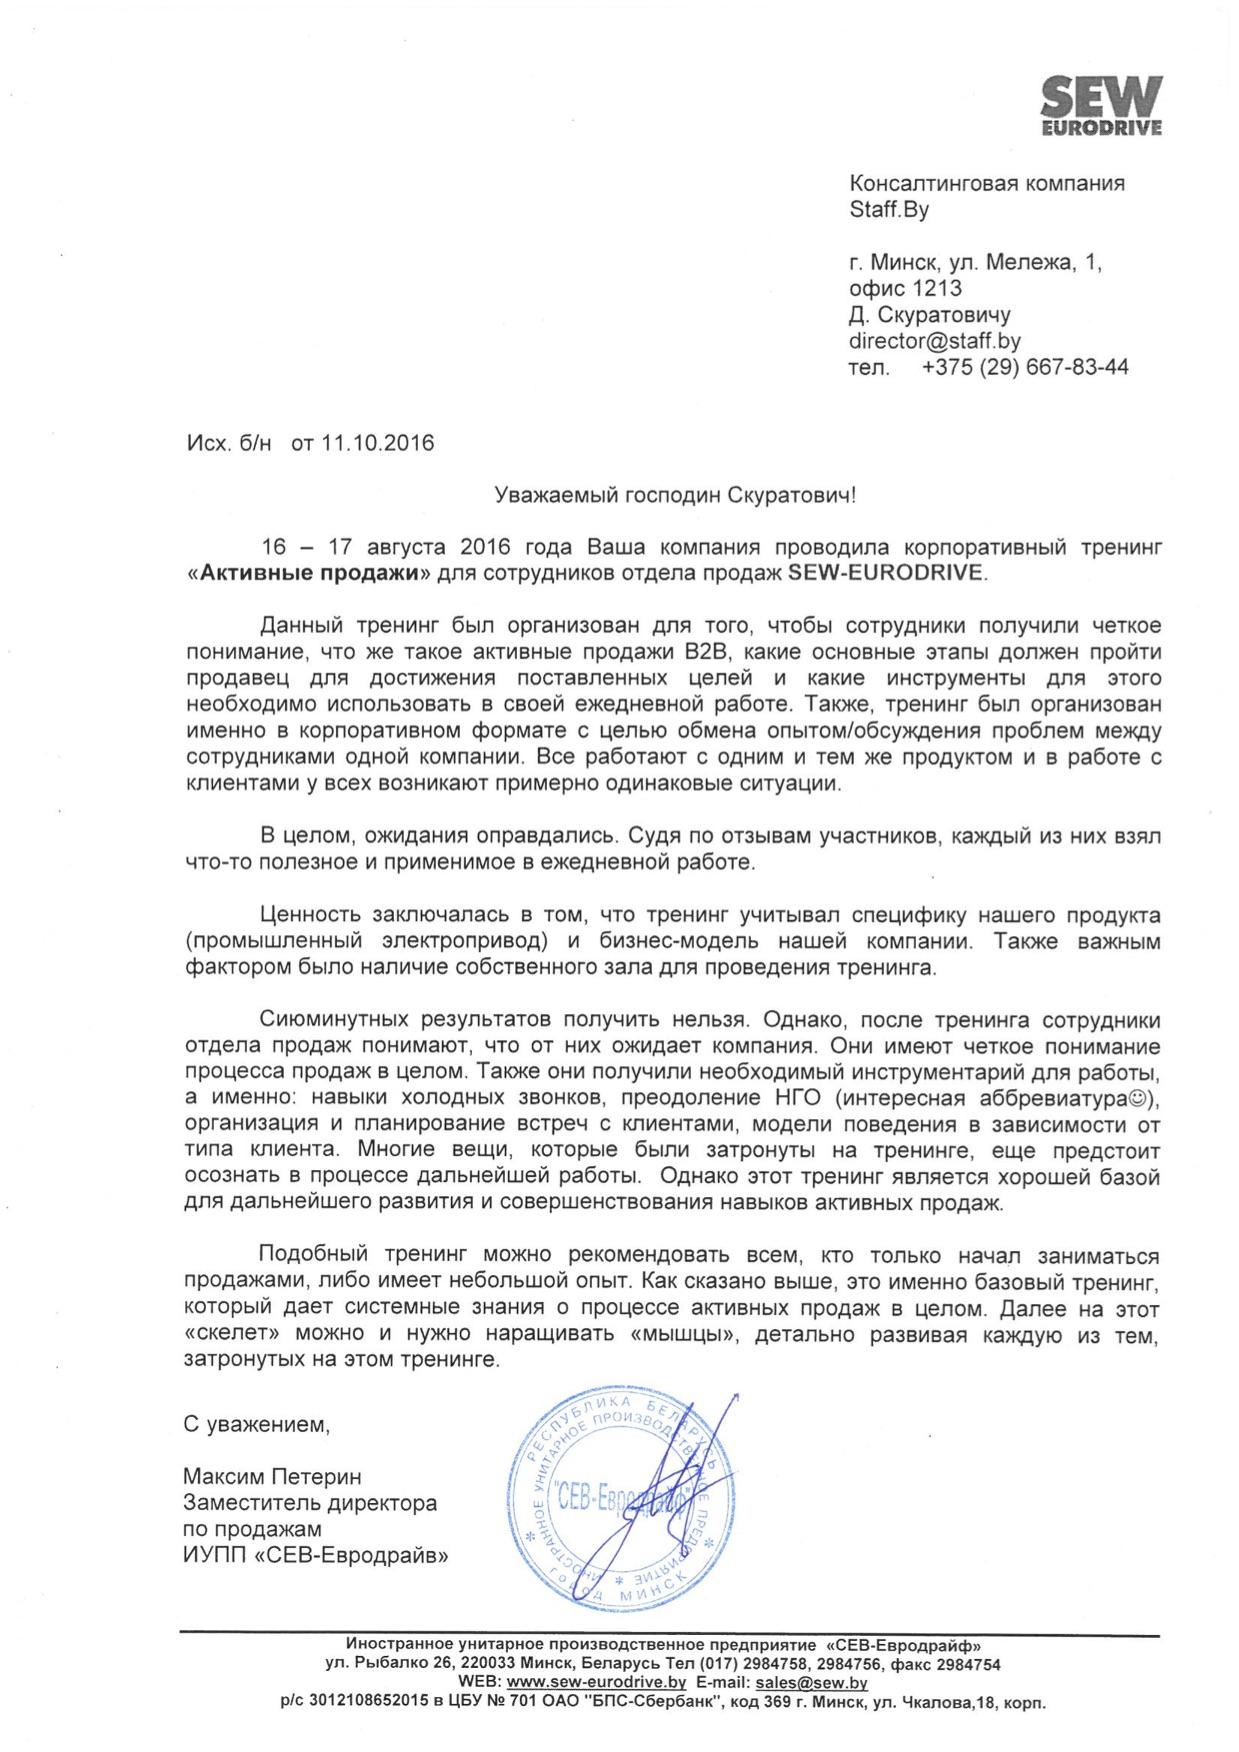 Отзыв о тренинге Активные продажи от компании СЕВ-Евродрайф